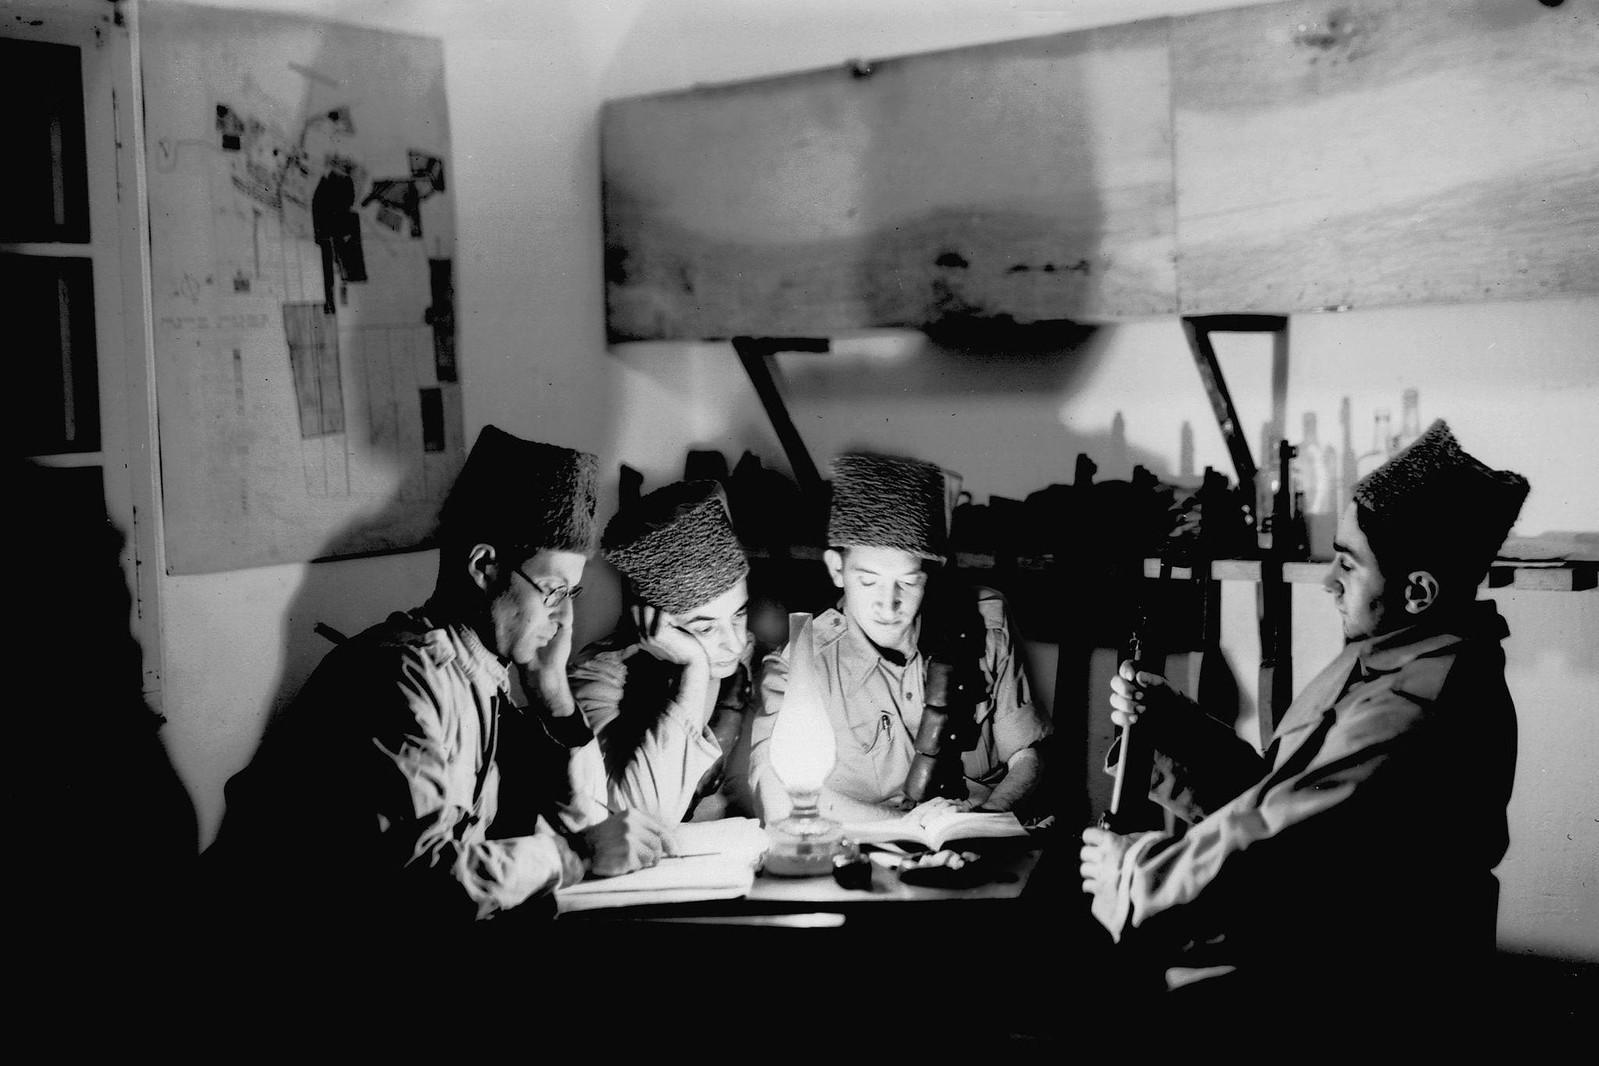 12. 1938. Еврейские поселенцы-пионеры и члены Хаганы на своем сторожевом посту в кибуце Гиват Бреннер. 3 ноября